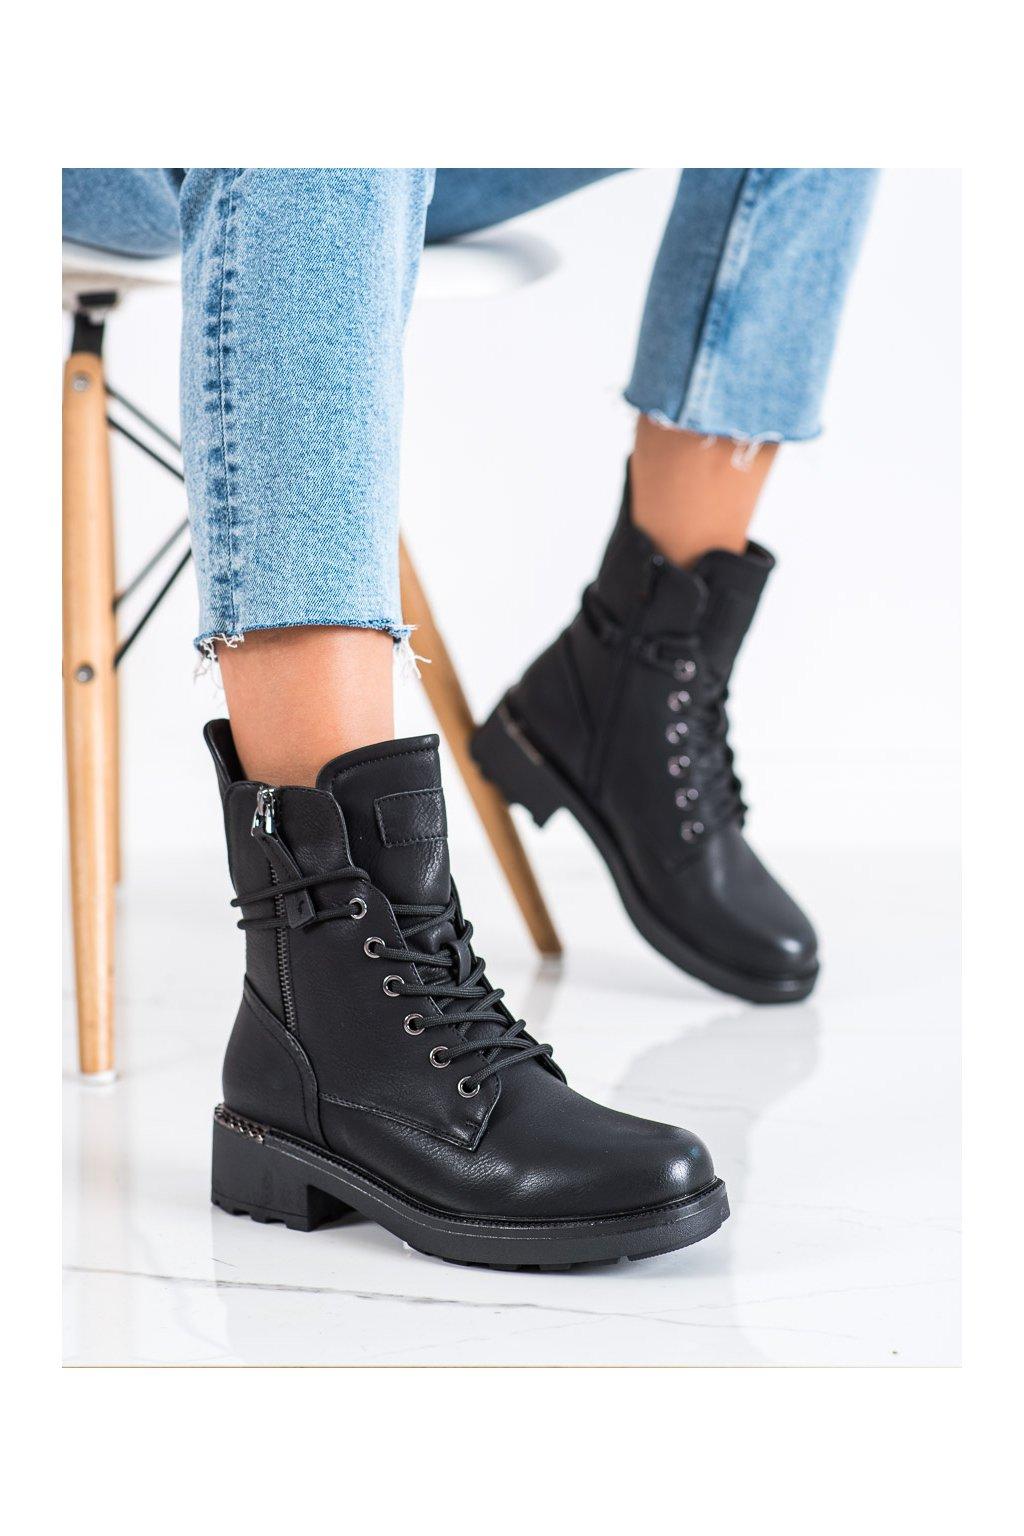 Čierne dámske topánky Evento kod 21BT35-4226B